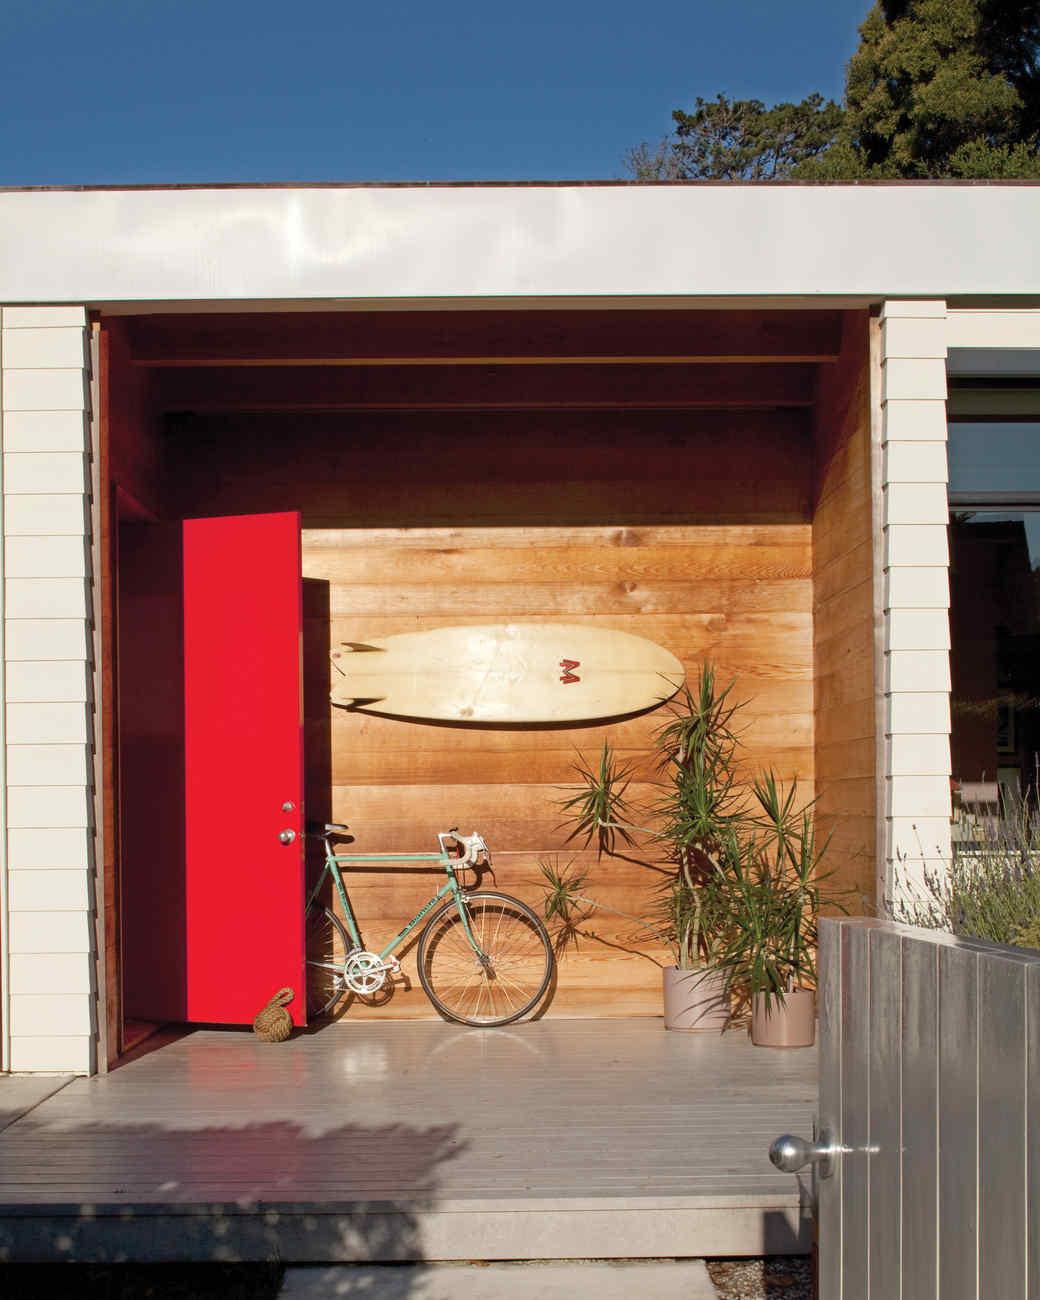 beach-house-porch-0811mld107442.jpg